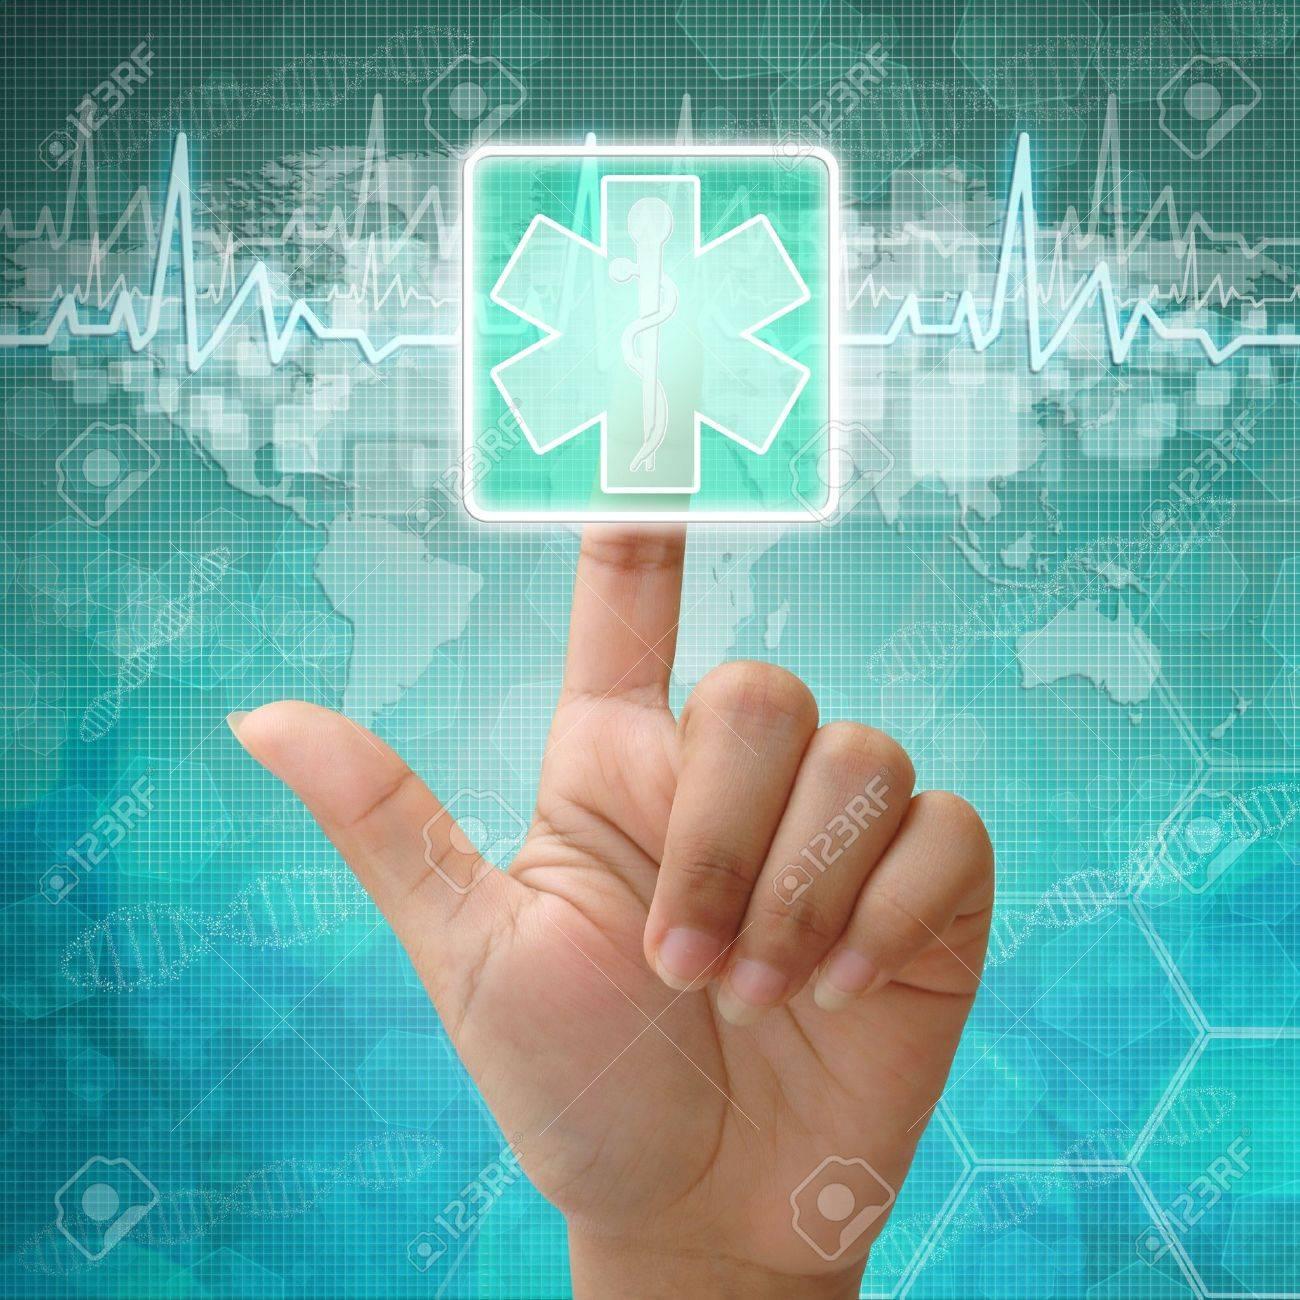 Presse la main sur le symbole médical, les antécédents médicaux Banque d'images - 15115132